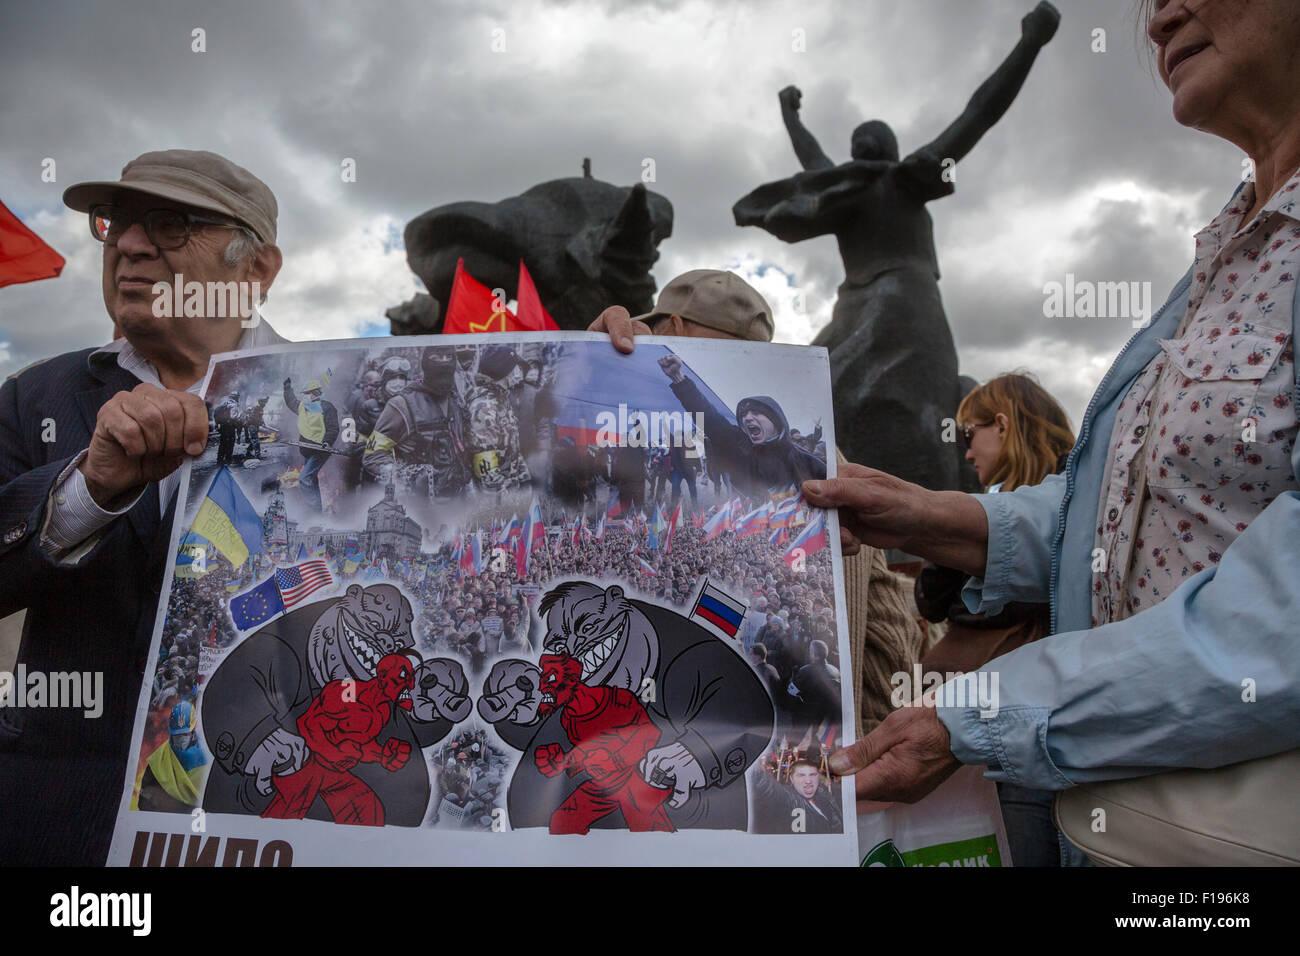 Moskau, Russland. 30. August 2015. Aktivisten halten einen Banner gegen den Konflikt in der Ukraine während Stockbild